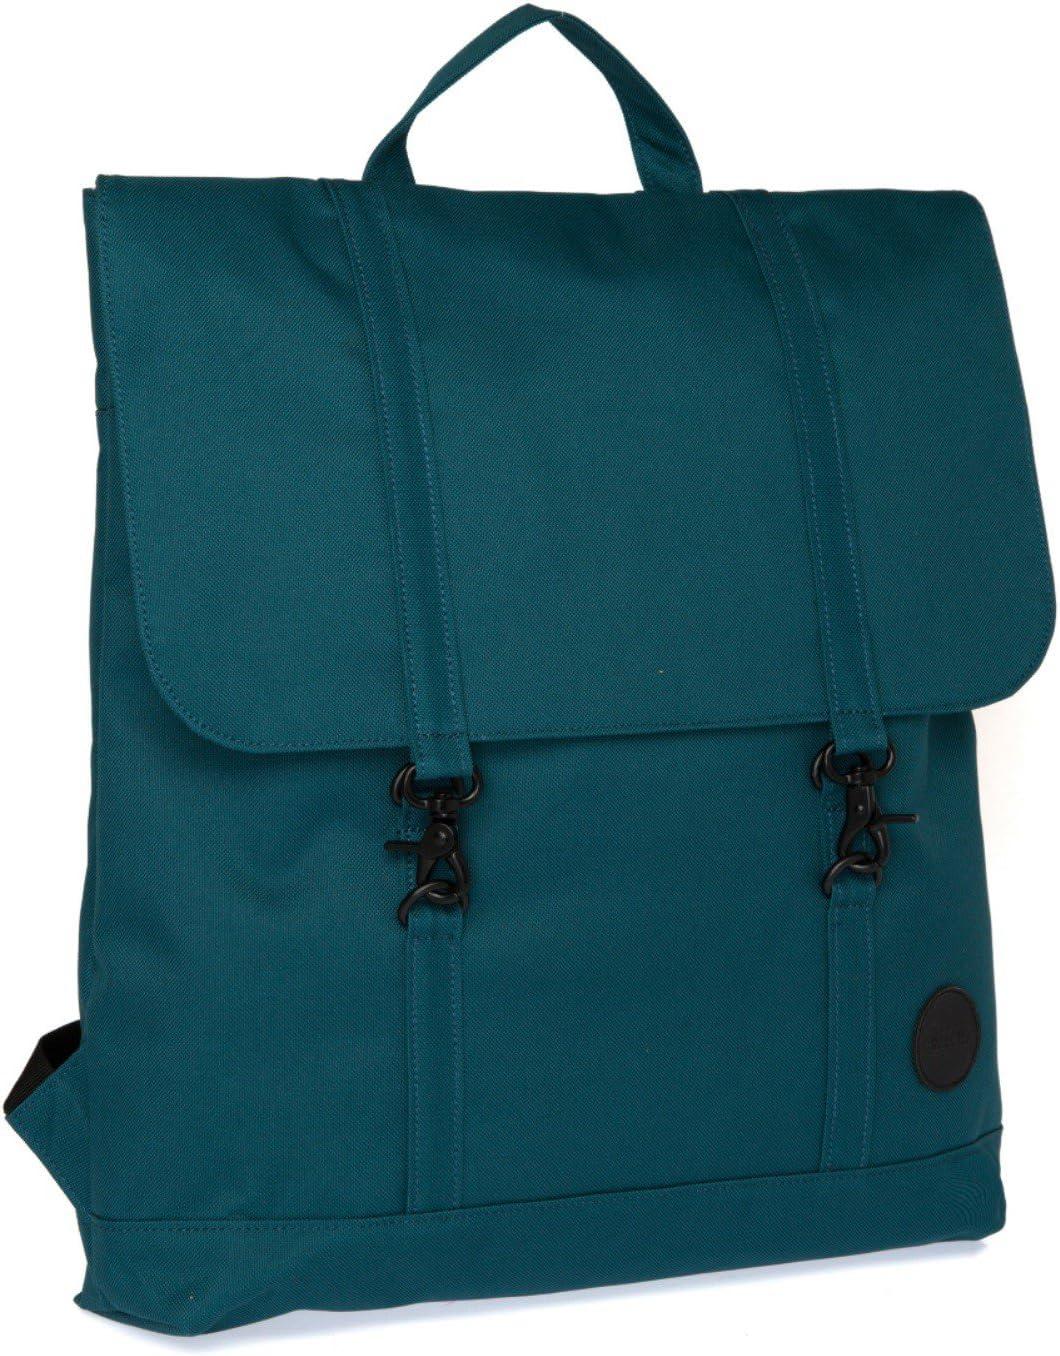 Teletubbies Sac /à dos avec harnais amovible pour enfants bleu Bleu - MNCK10326